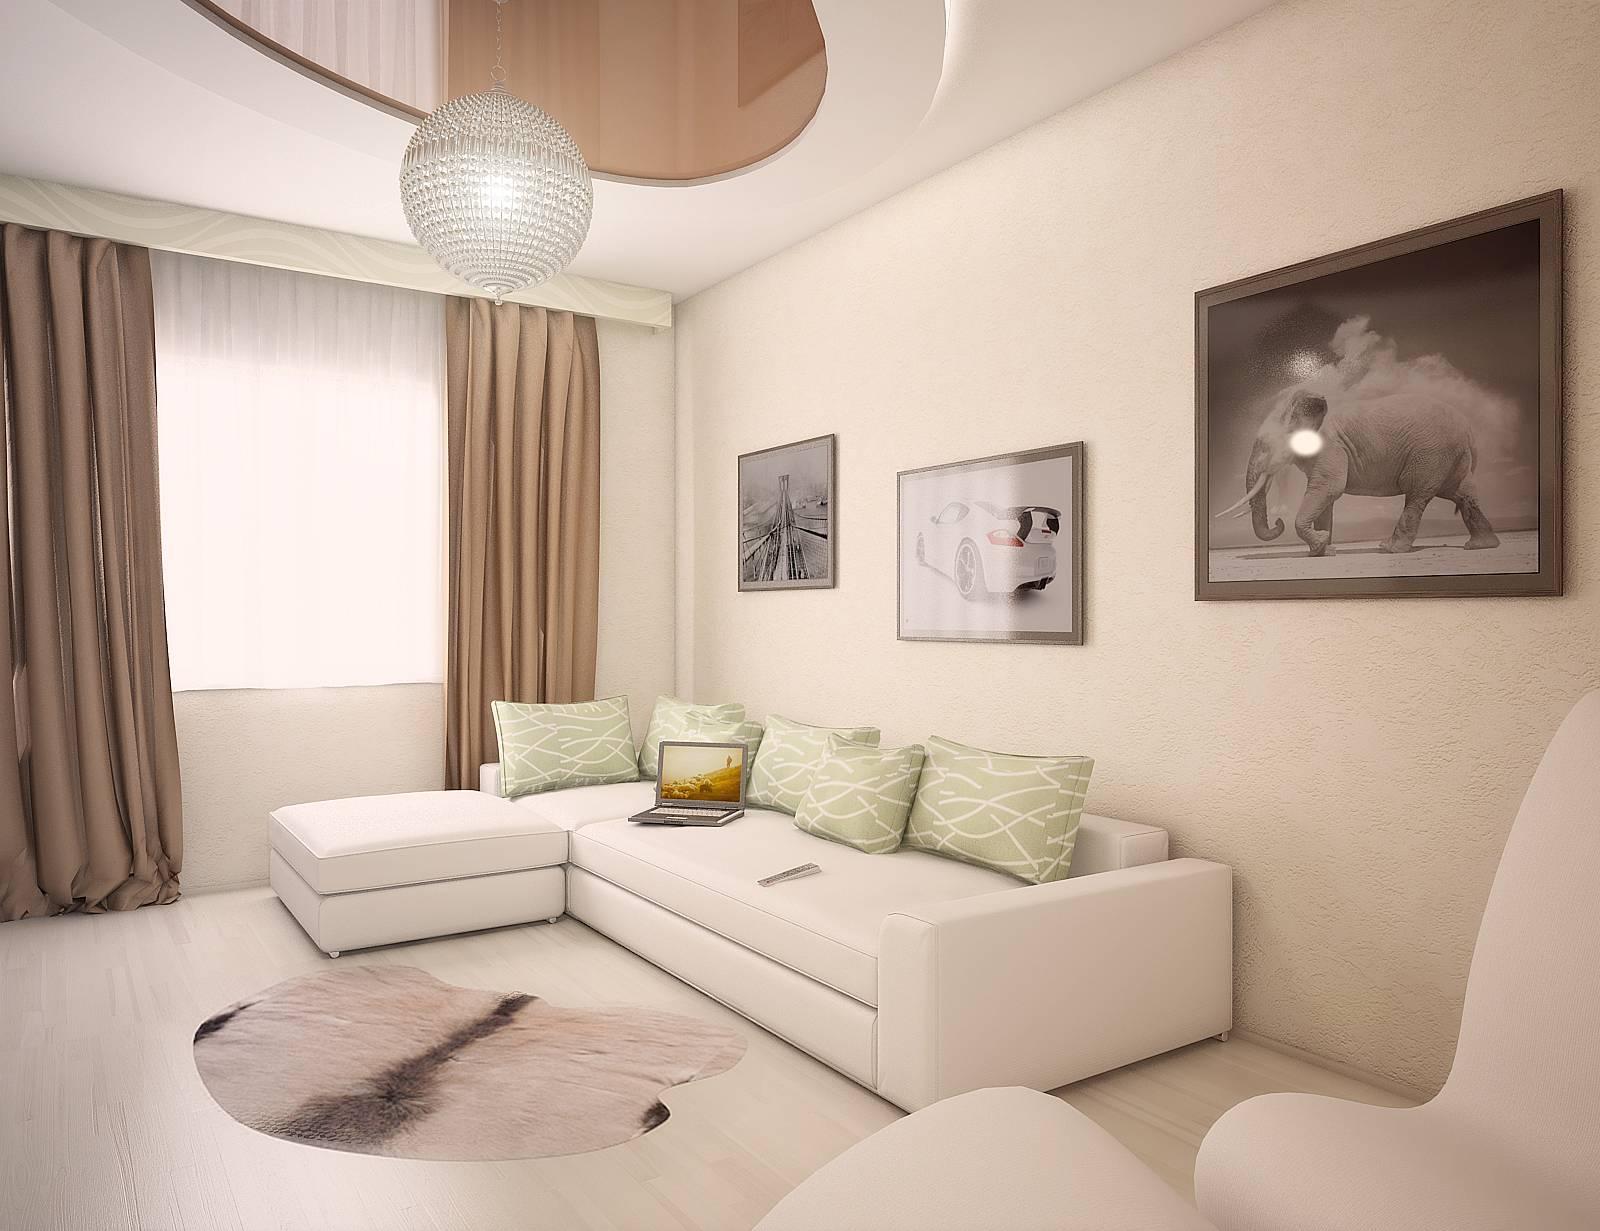 Интерьер однокомнатной квартиры 35 кв.м в фотографиях на любой вкус